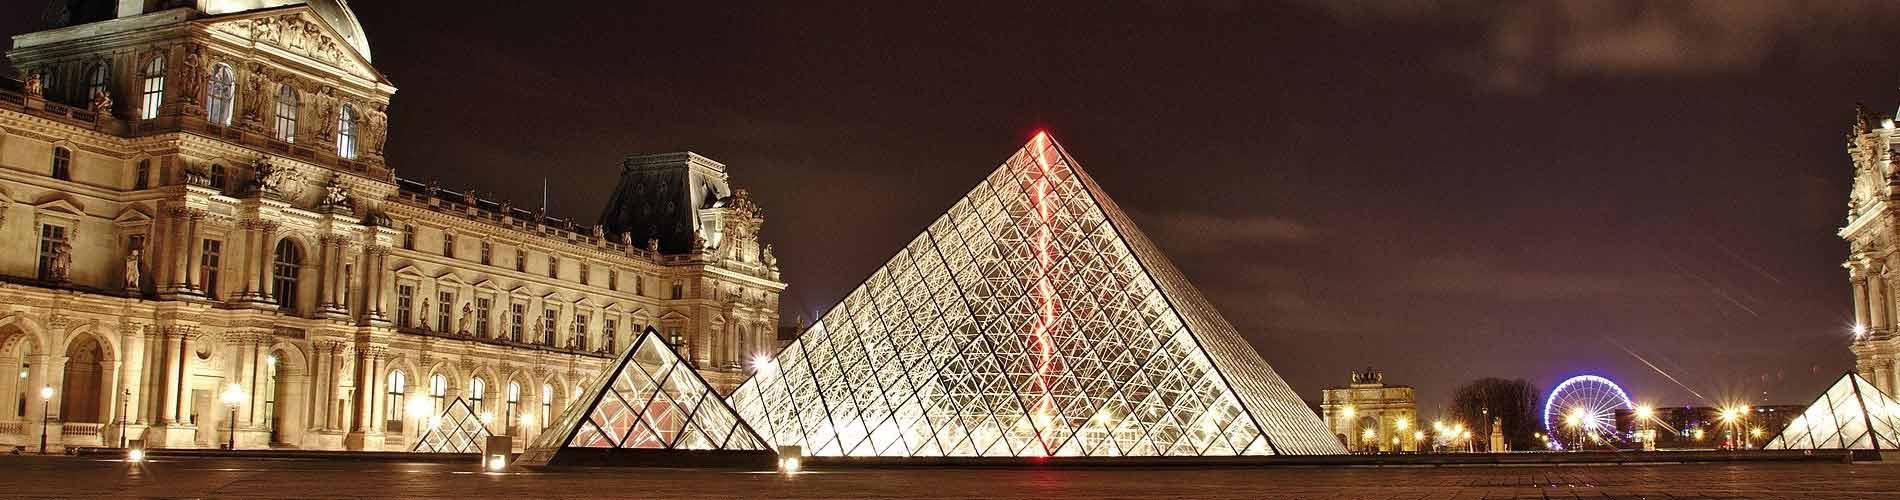 Blog_EuropeanCapitalCulture_Paris_1900x500_Q120